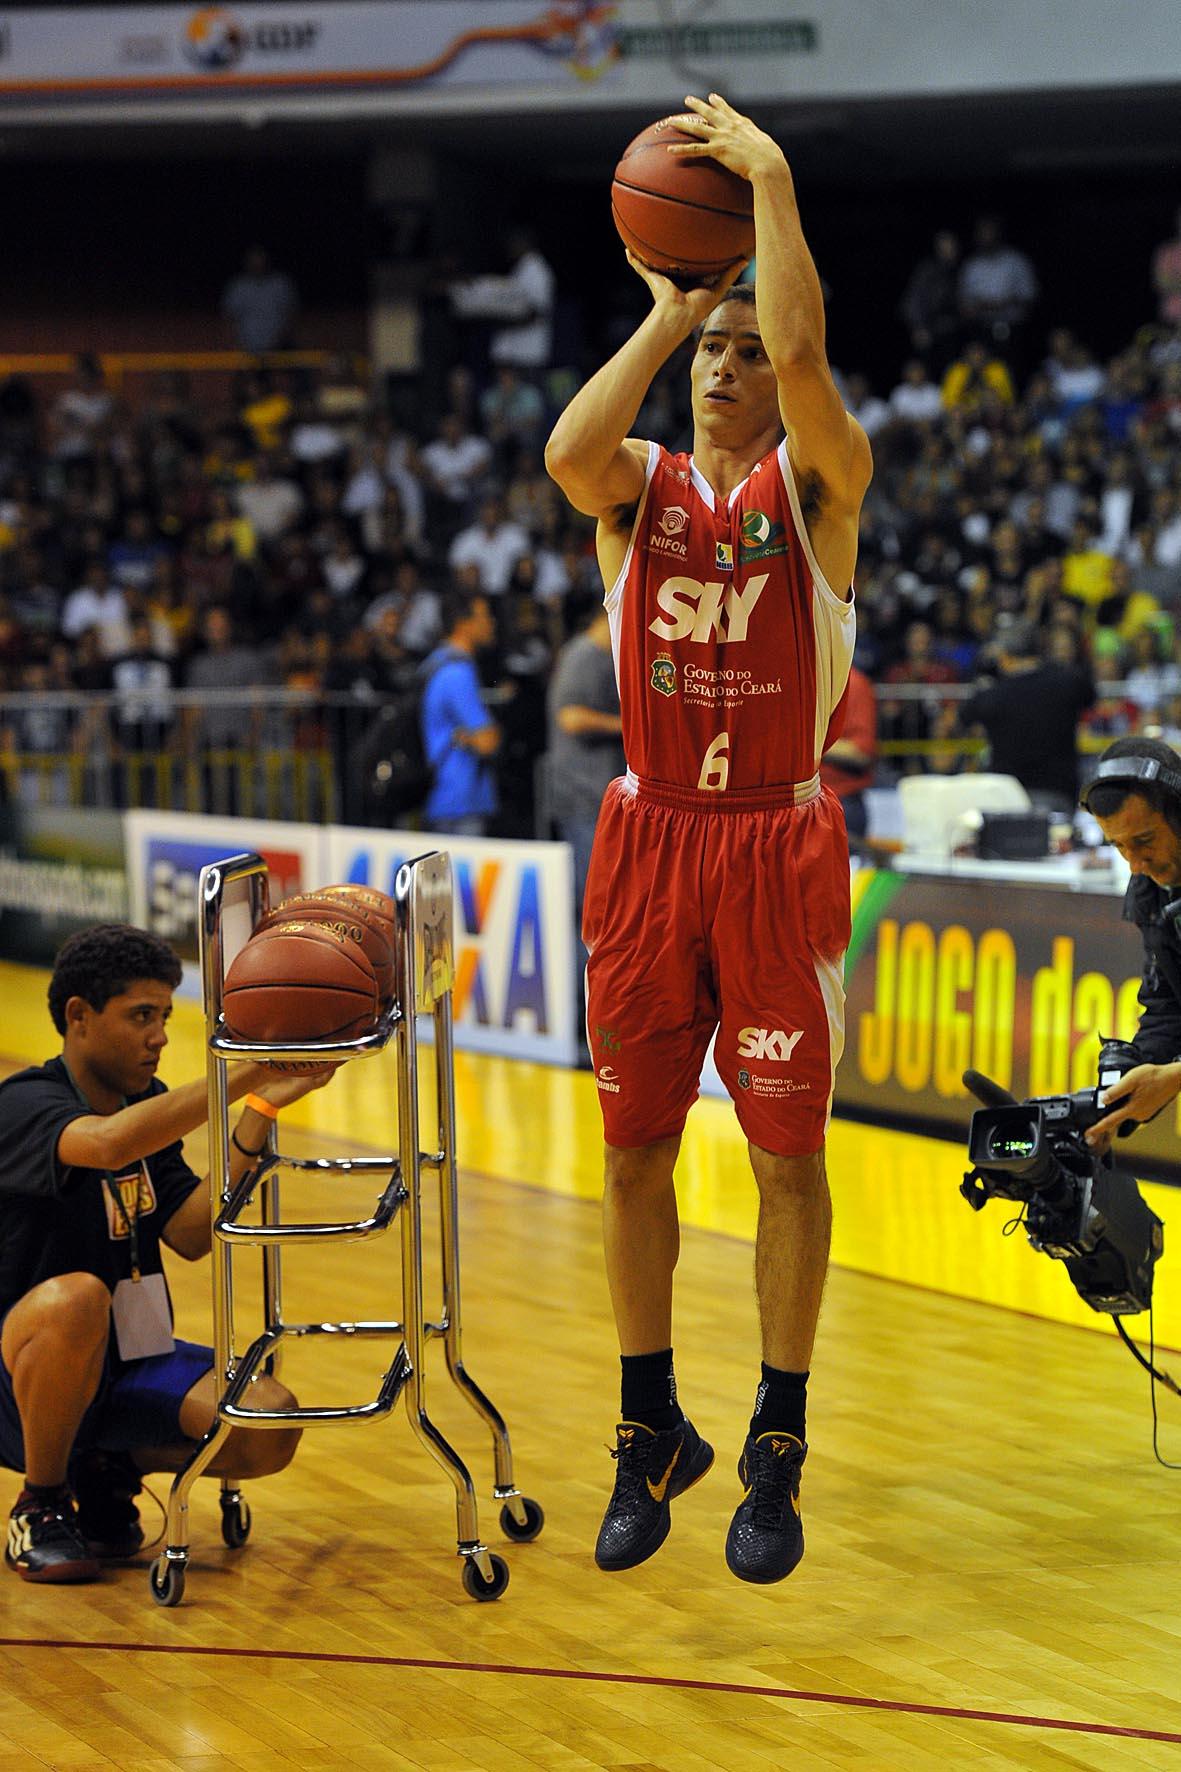 Matheus, do Basquete Cearense, no Torneio de 3 pontos